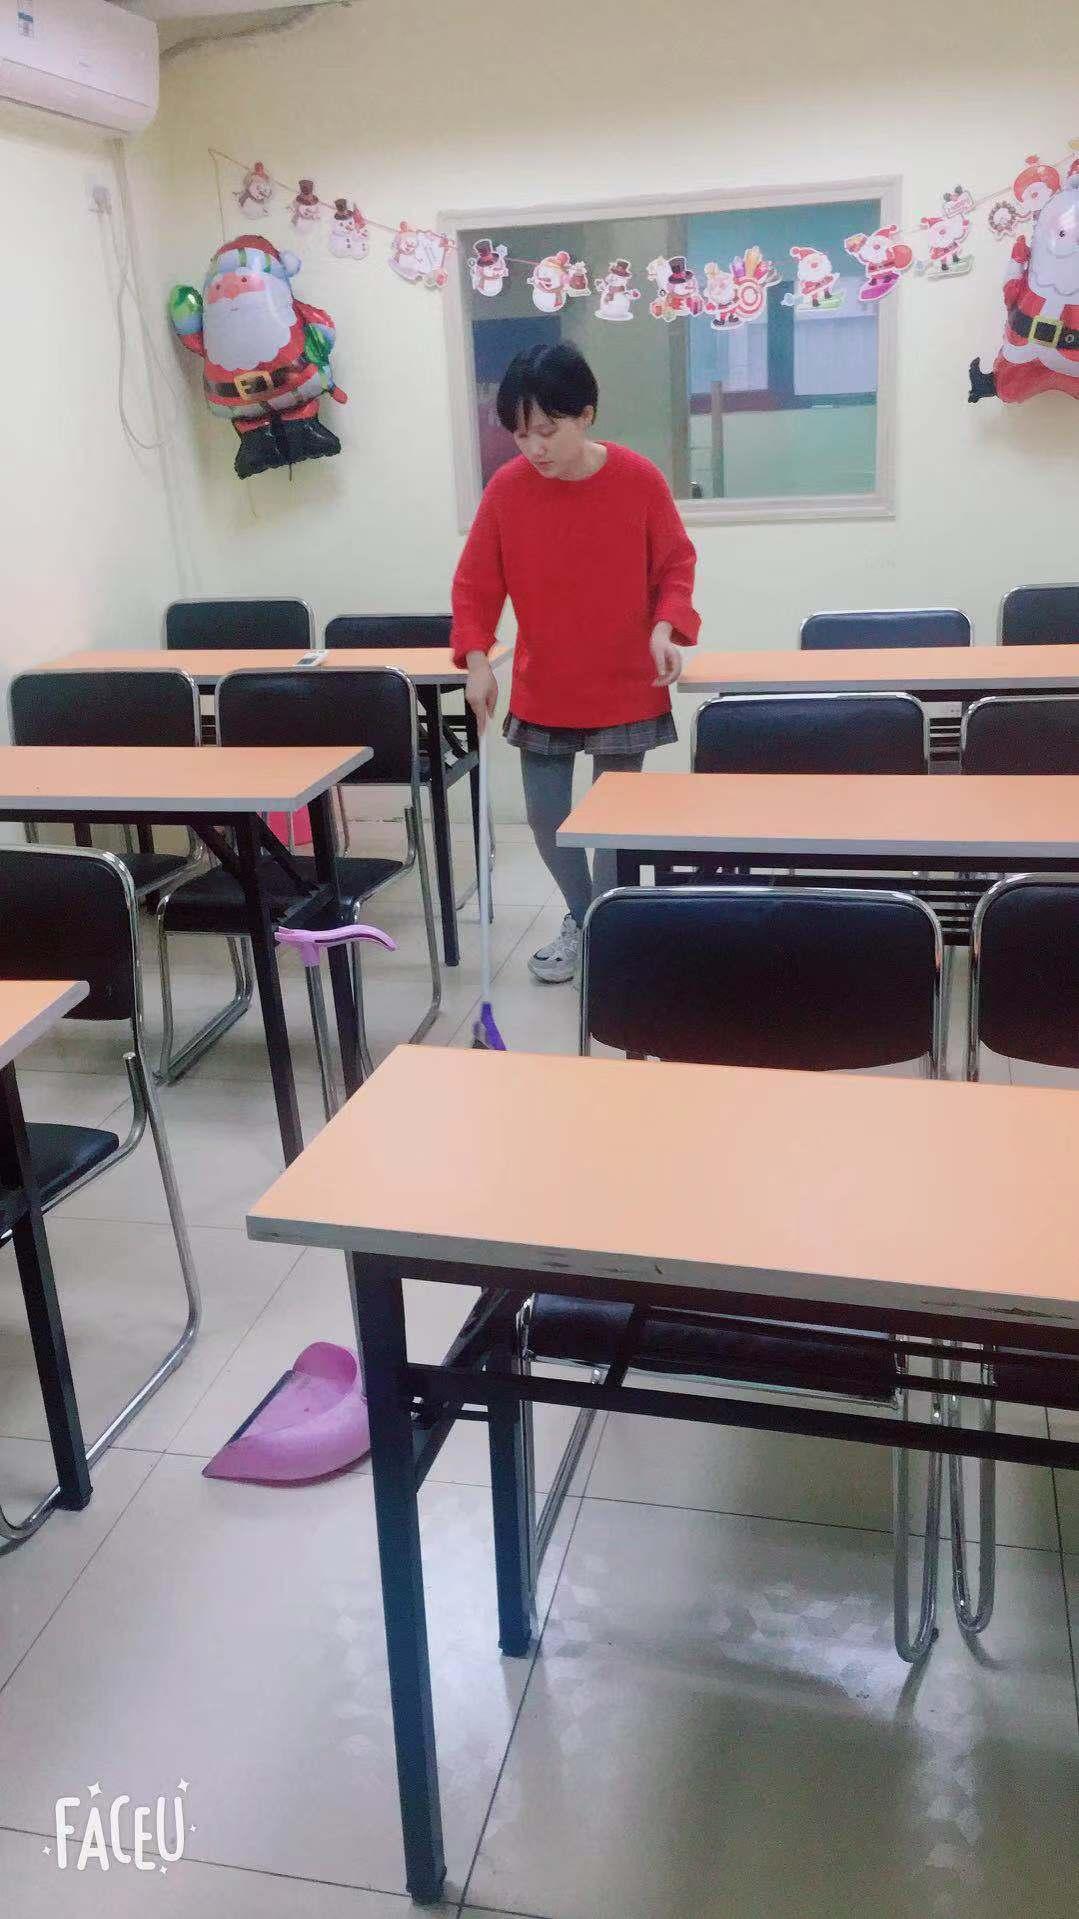 老师打扫卫生.jpg